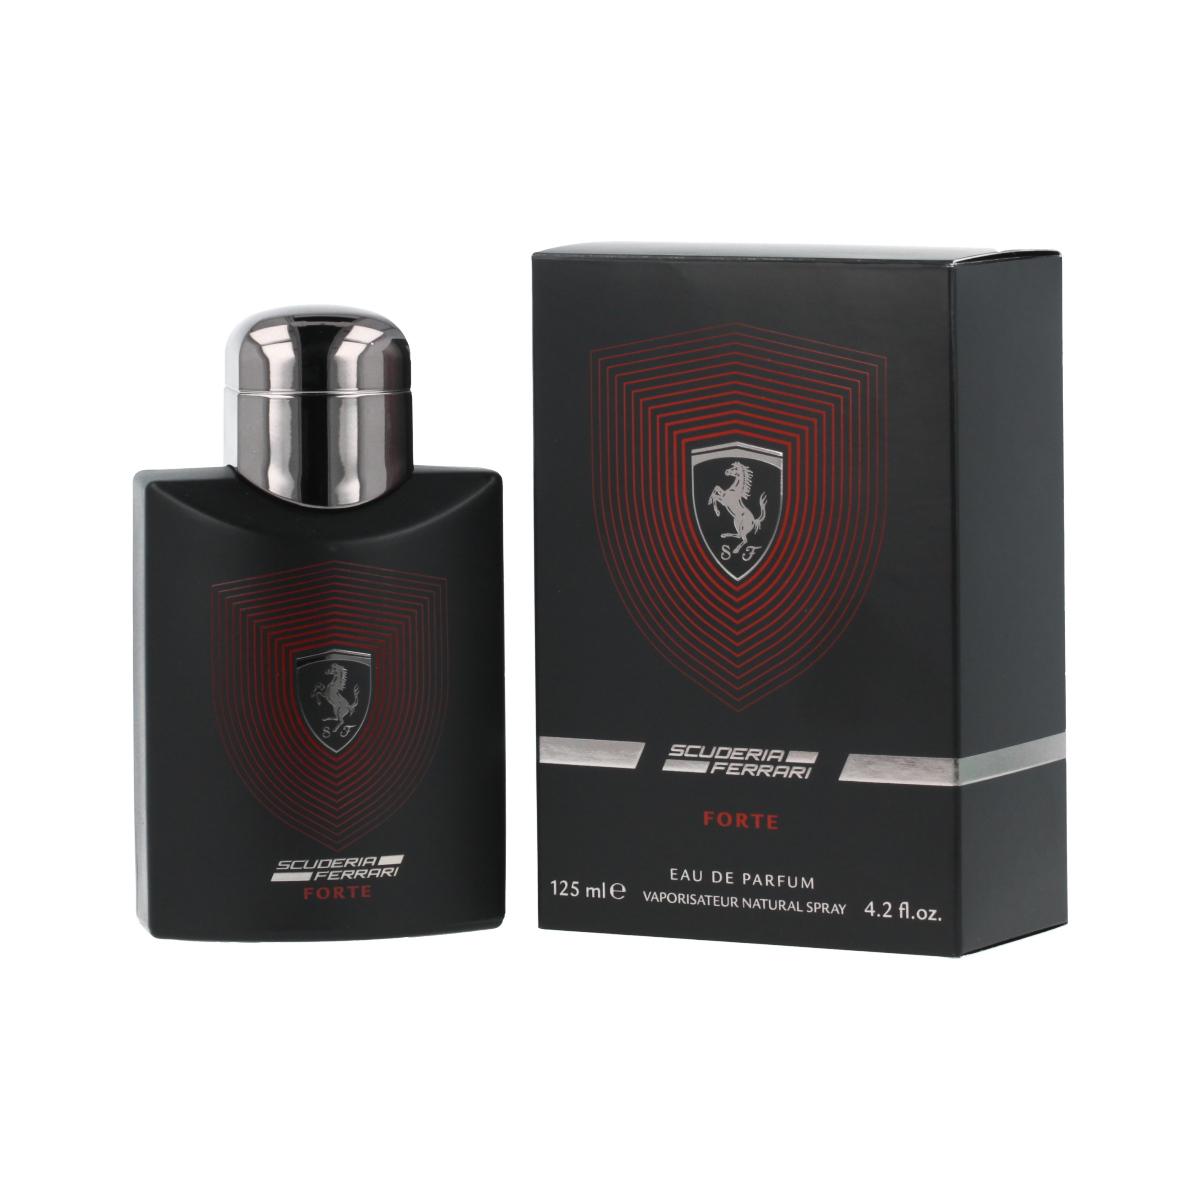 Ferrari Scuderia Ferrari Forte Eau De Parfum 125 ml (man) 11986